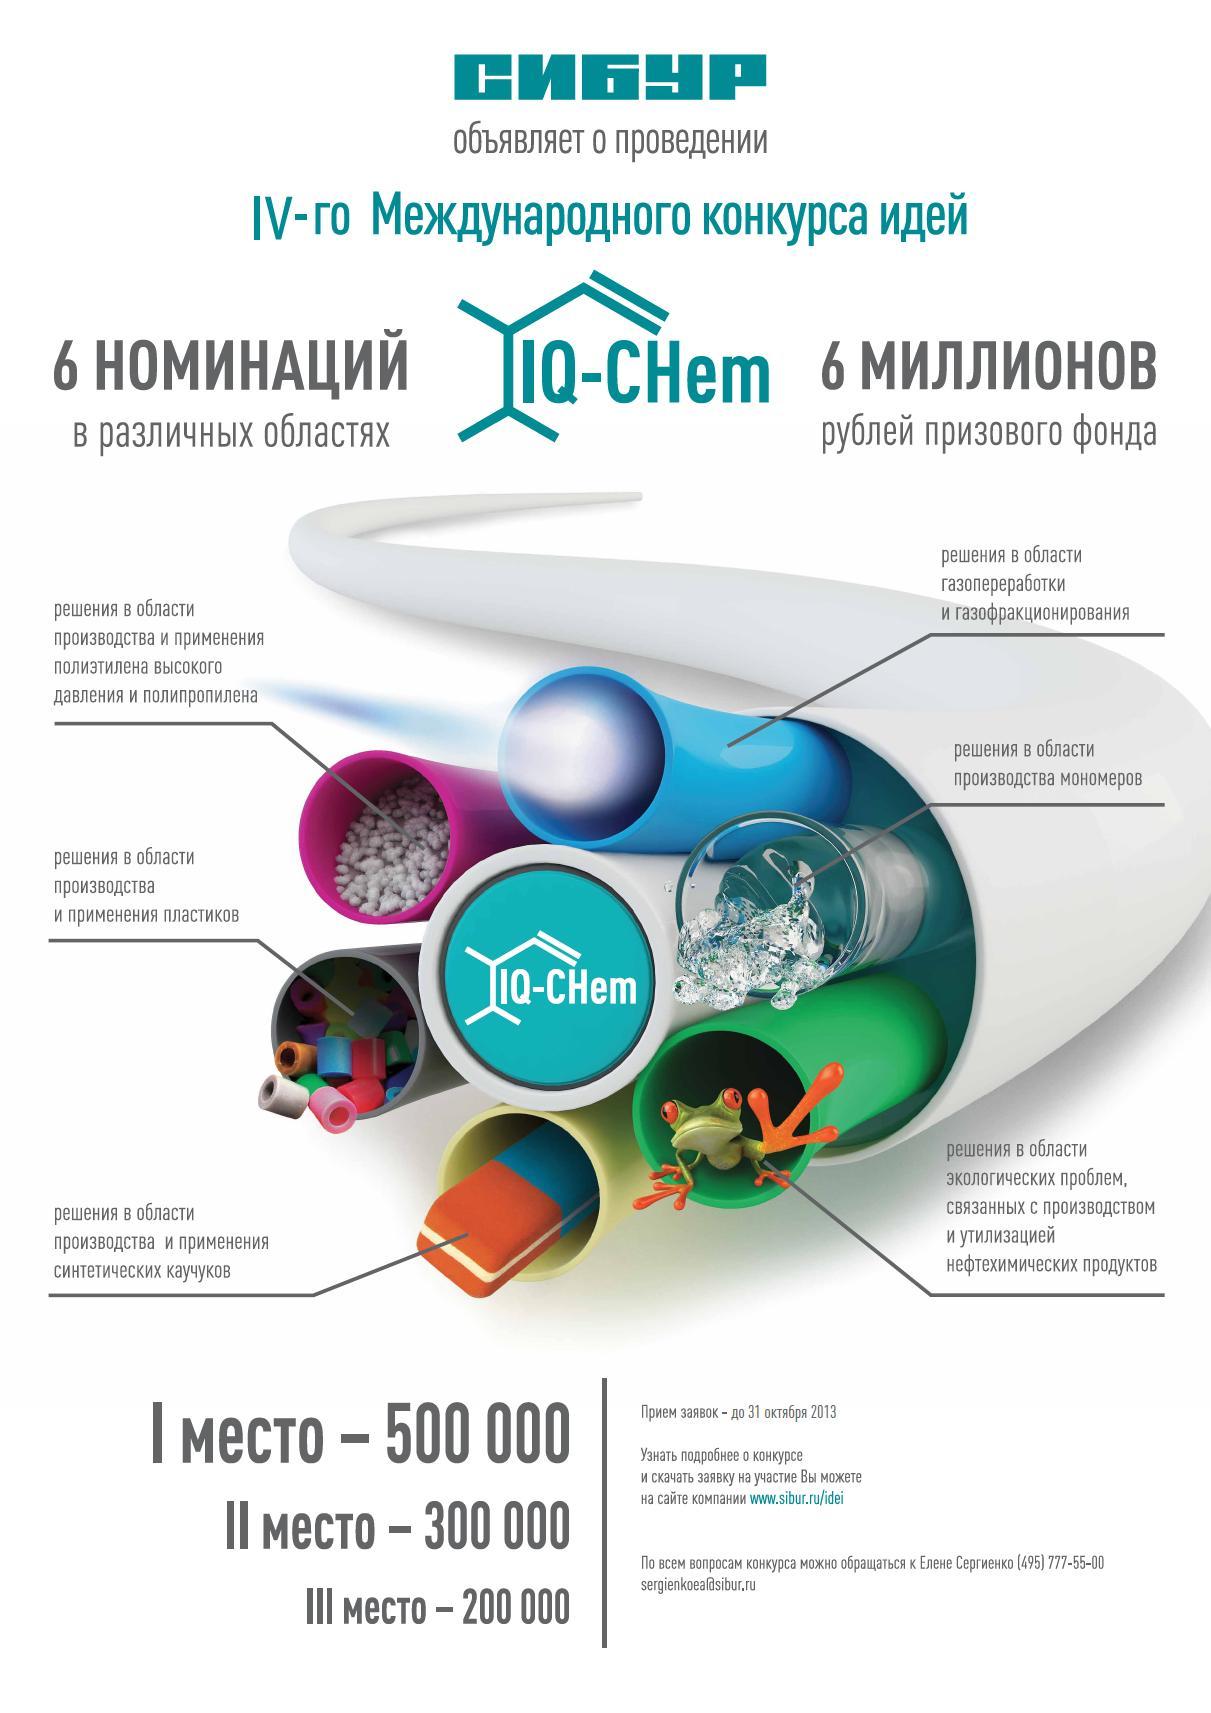 Фотокаталог Управление производством нефтехимический холдинг СИБУР